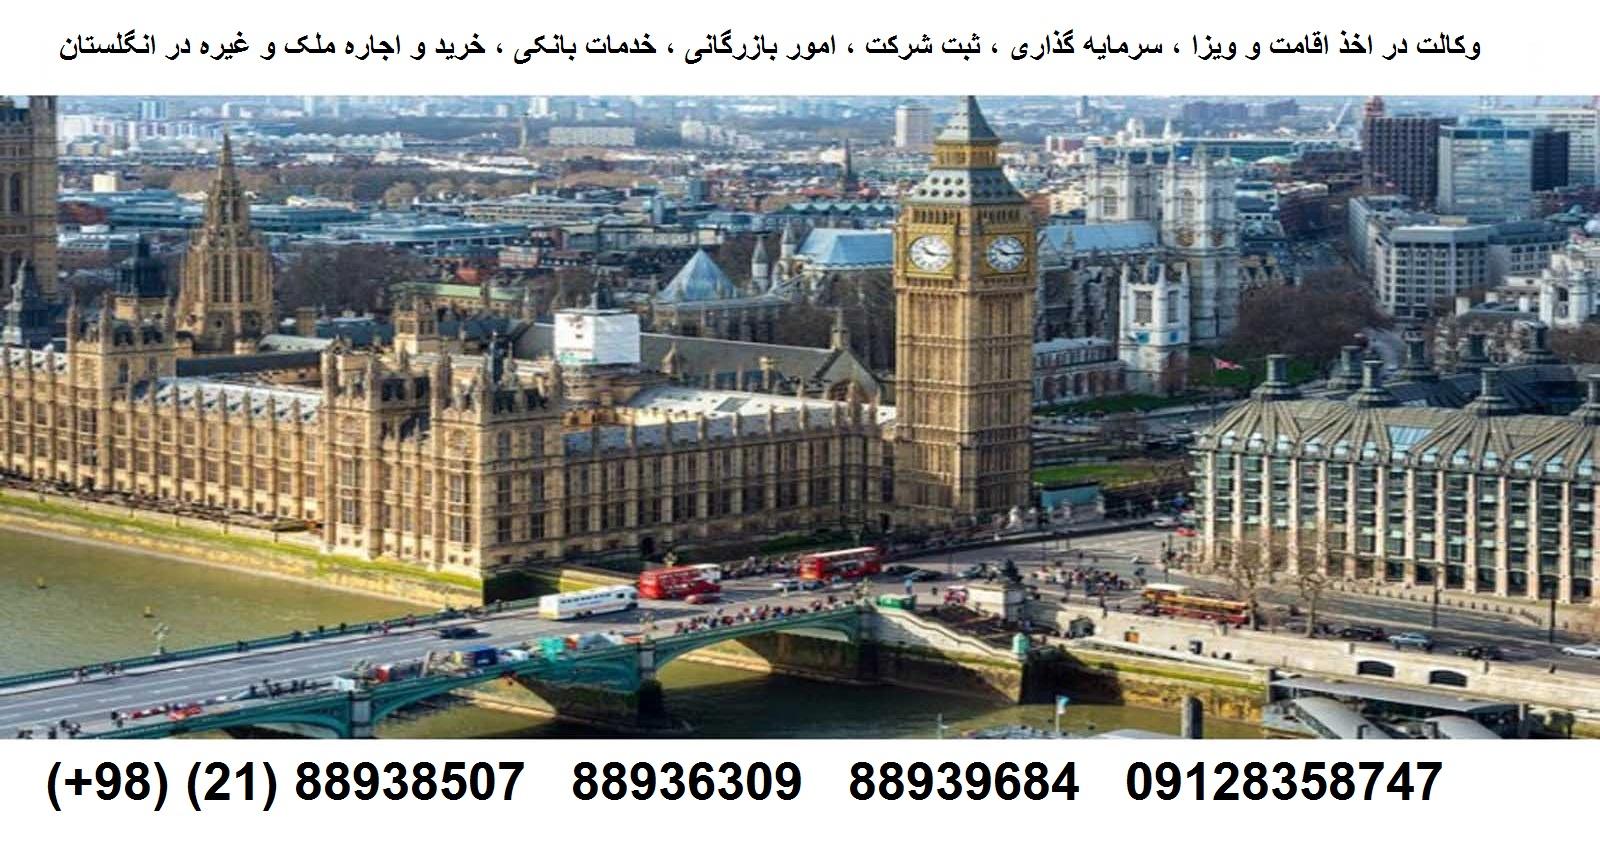 مهاجرت به کشور انگلستان (4)